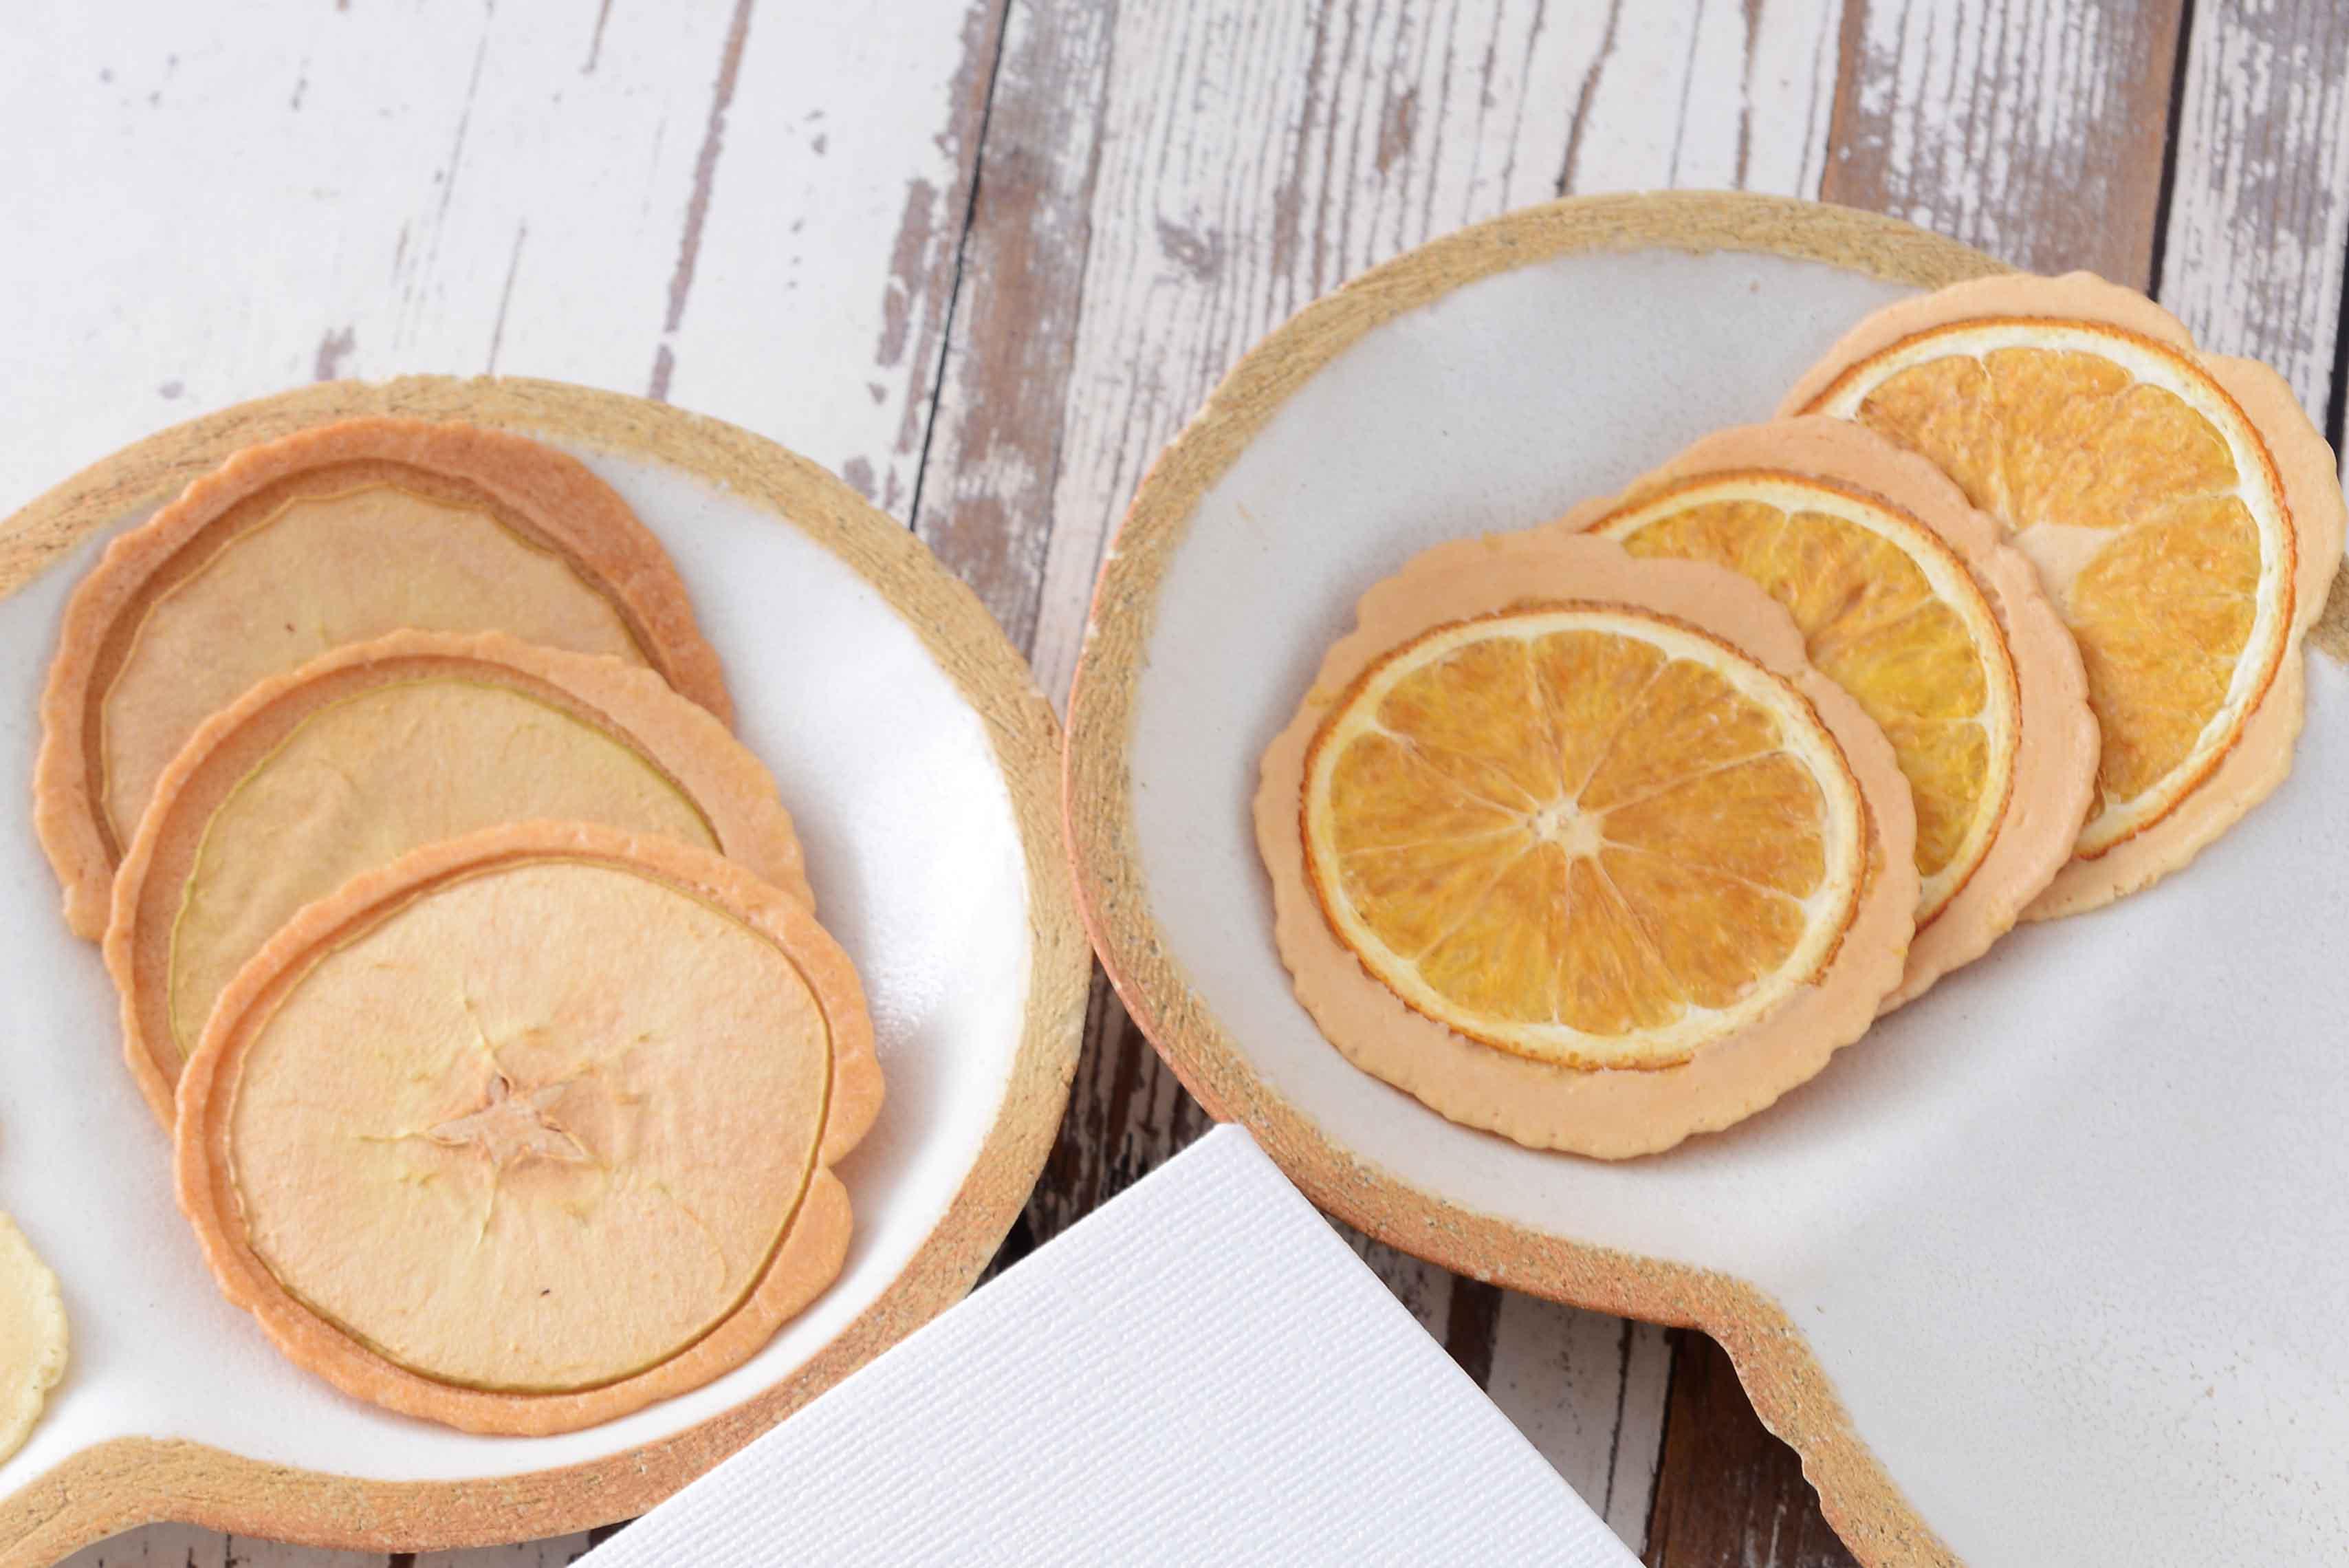 【美濃菓蔵2種入り:12枚】スライスフルーツを載せたはさみ焼きせんべい詰め合わせ